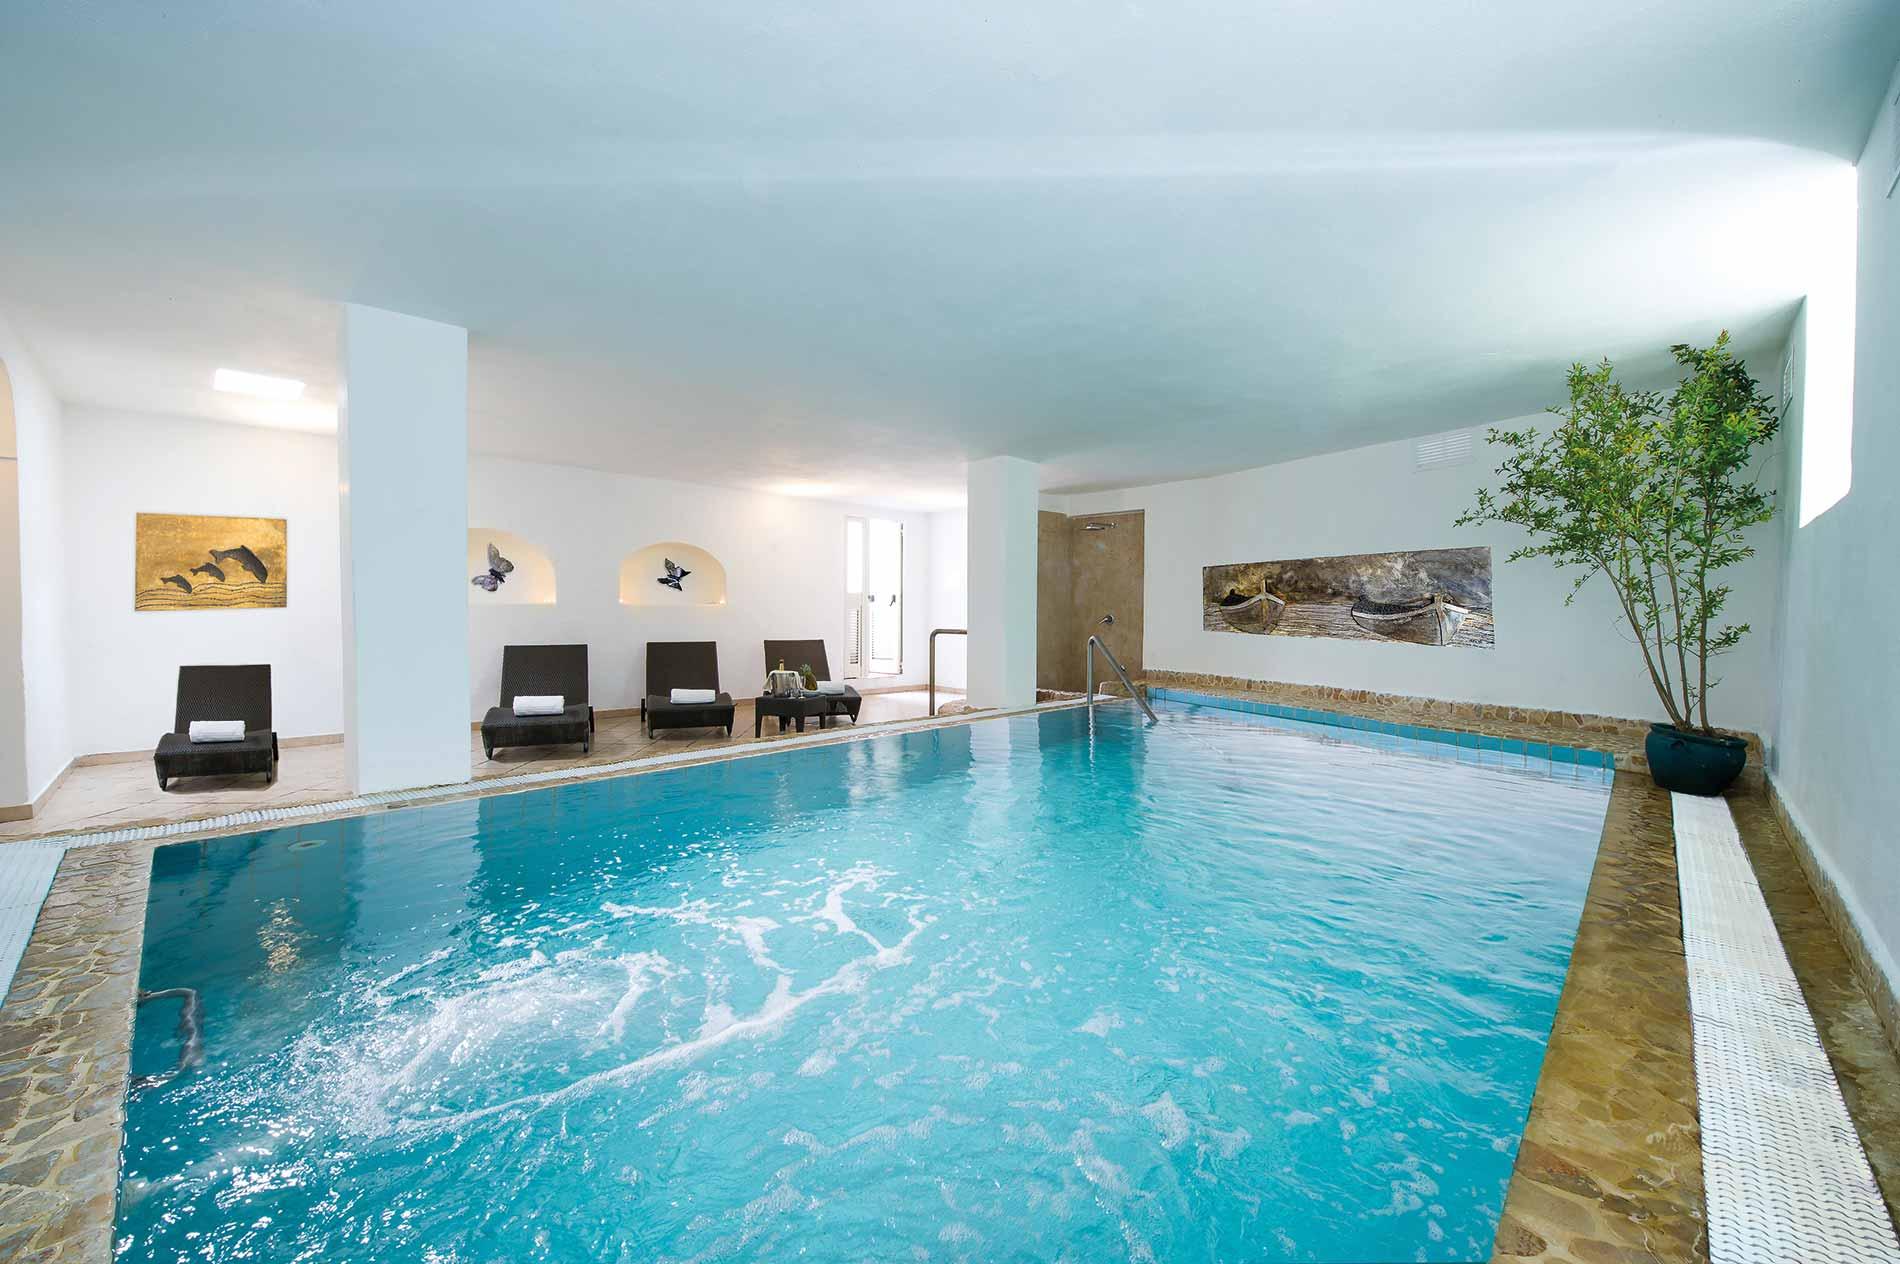 Albergo san francesco forio d 39 ischia sito ufficiale for Asciugacapelli a parete per piscine